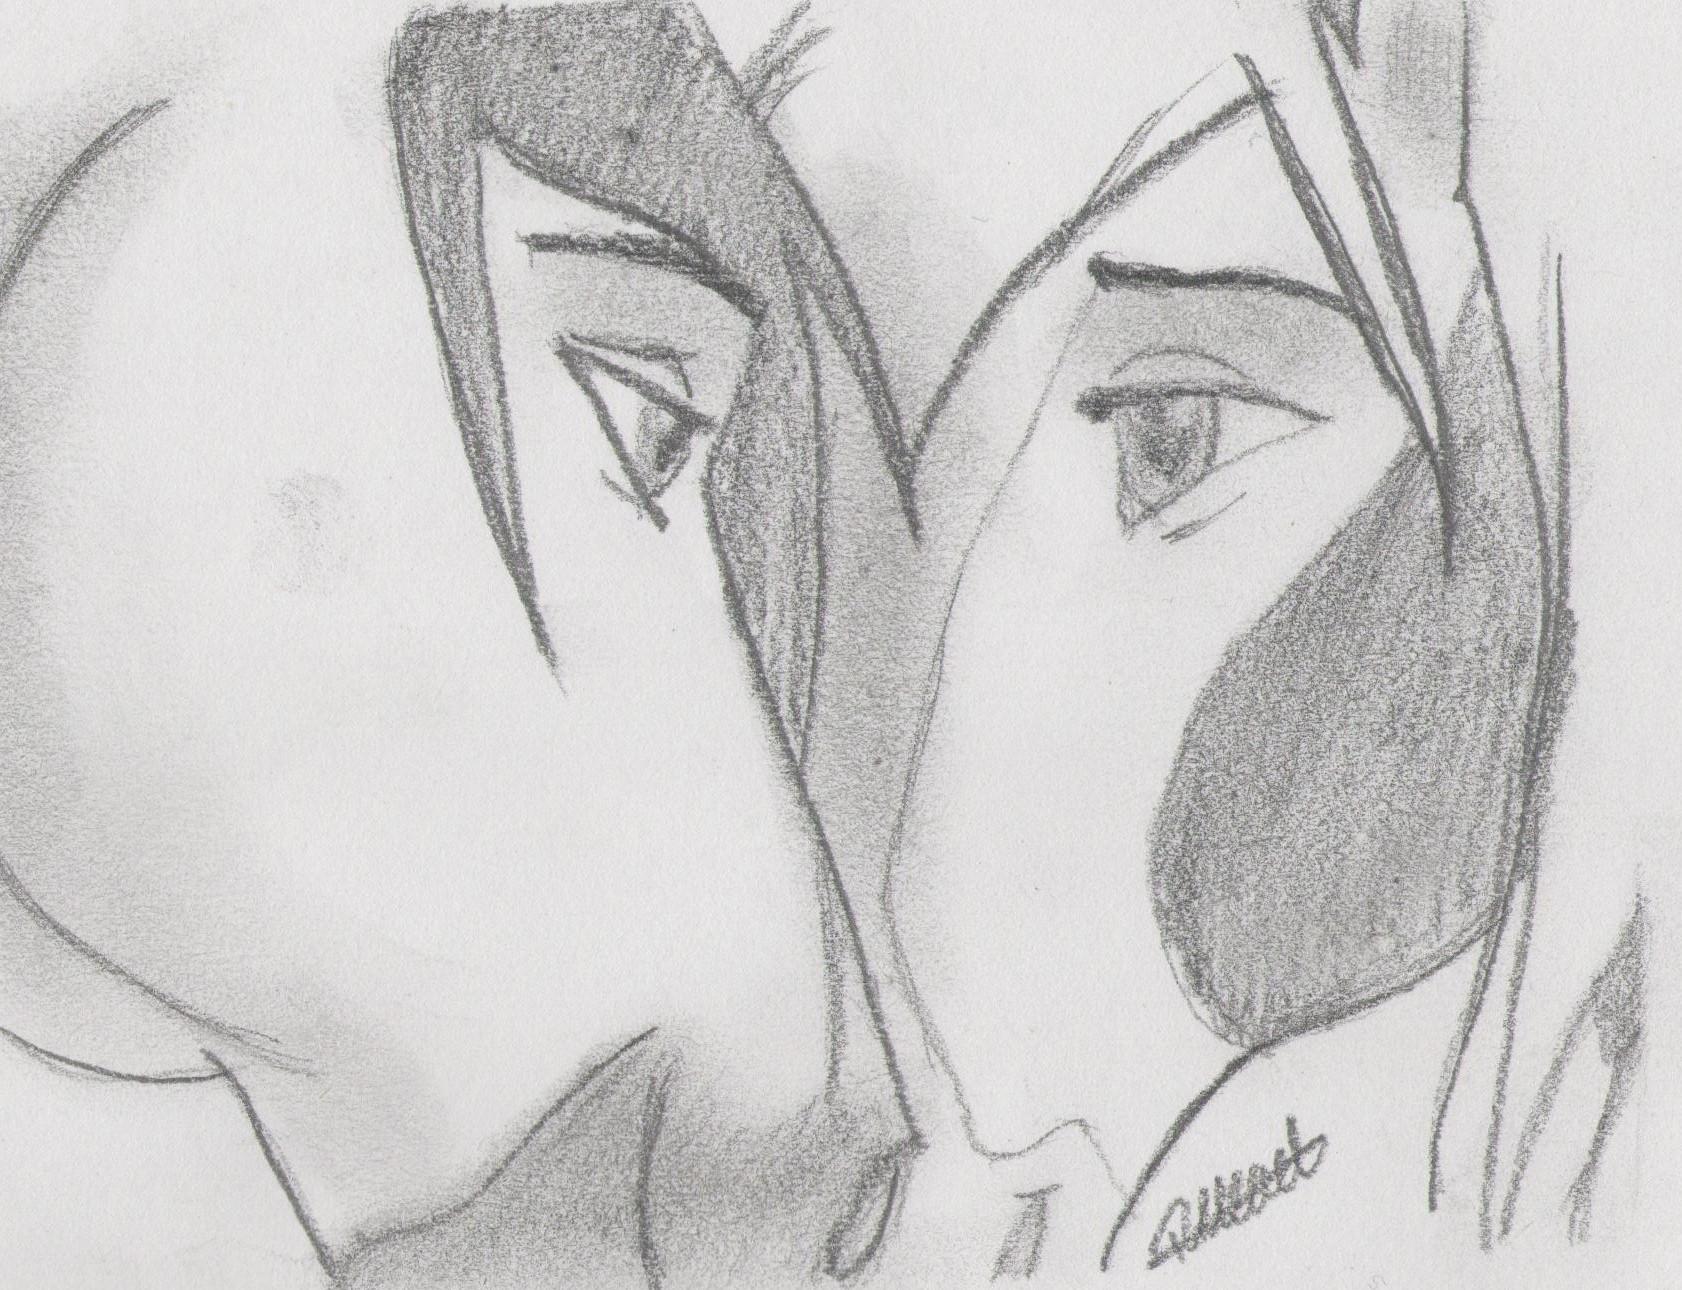 Drawn spirit #11